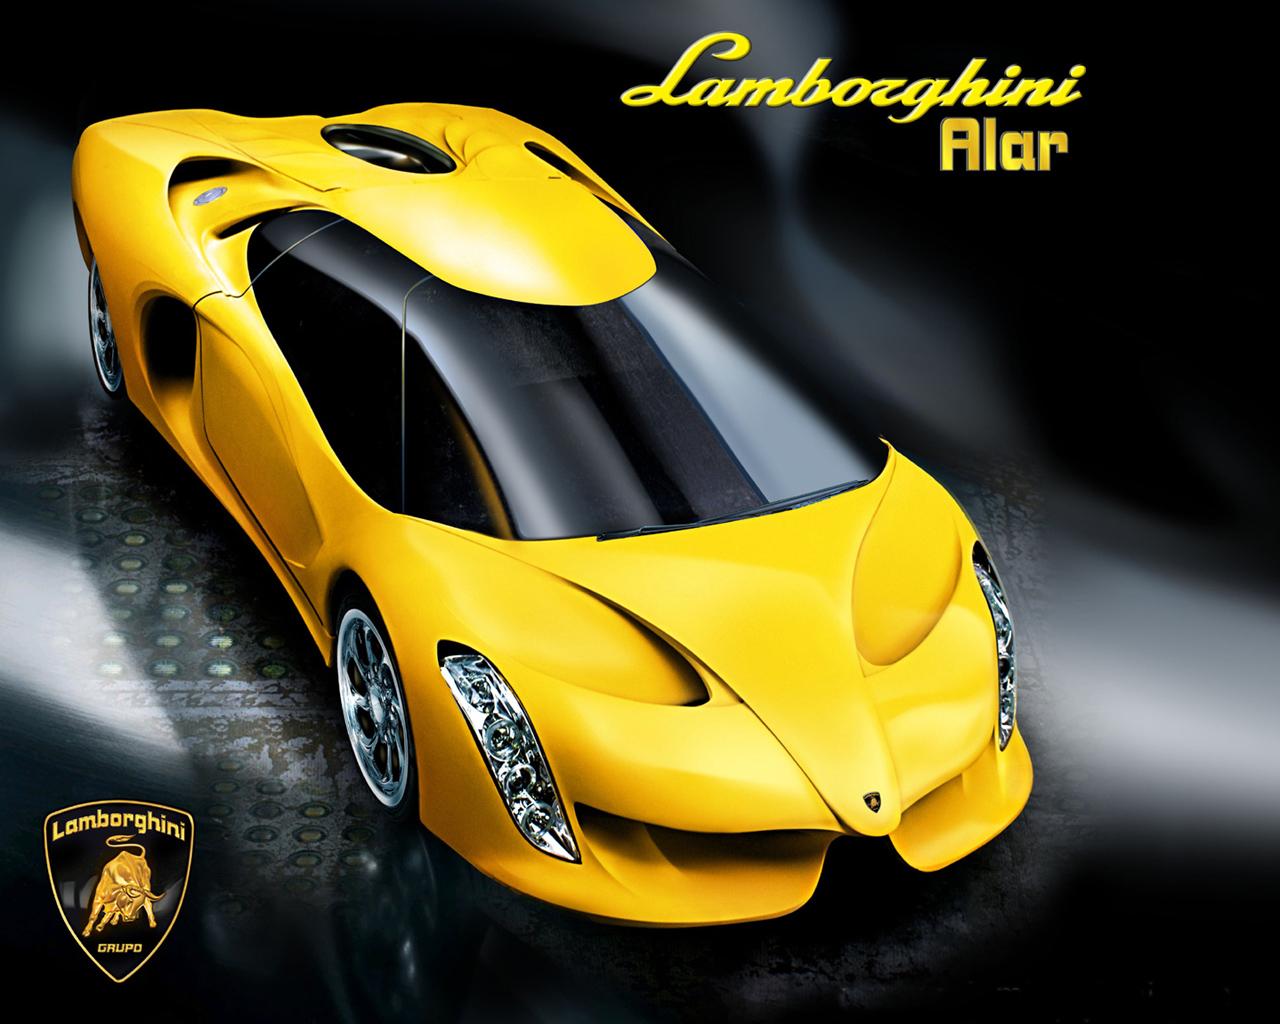 Lamborghini Alar Full Screen Hd Wallpapers And Images